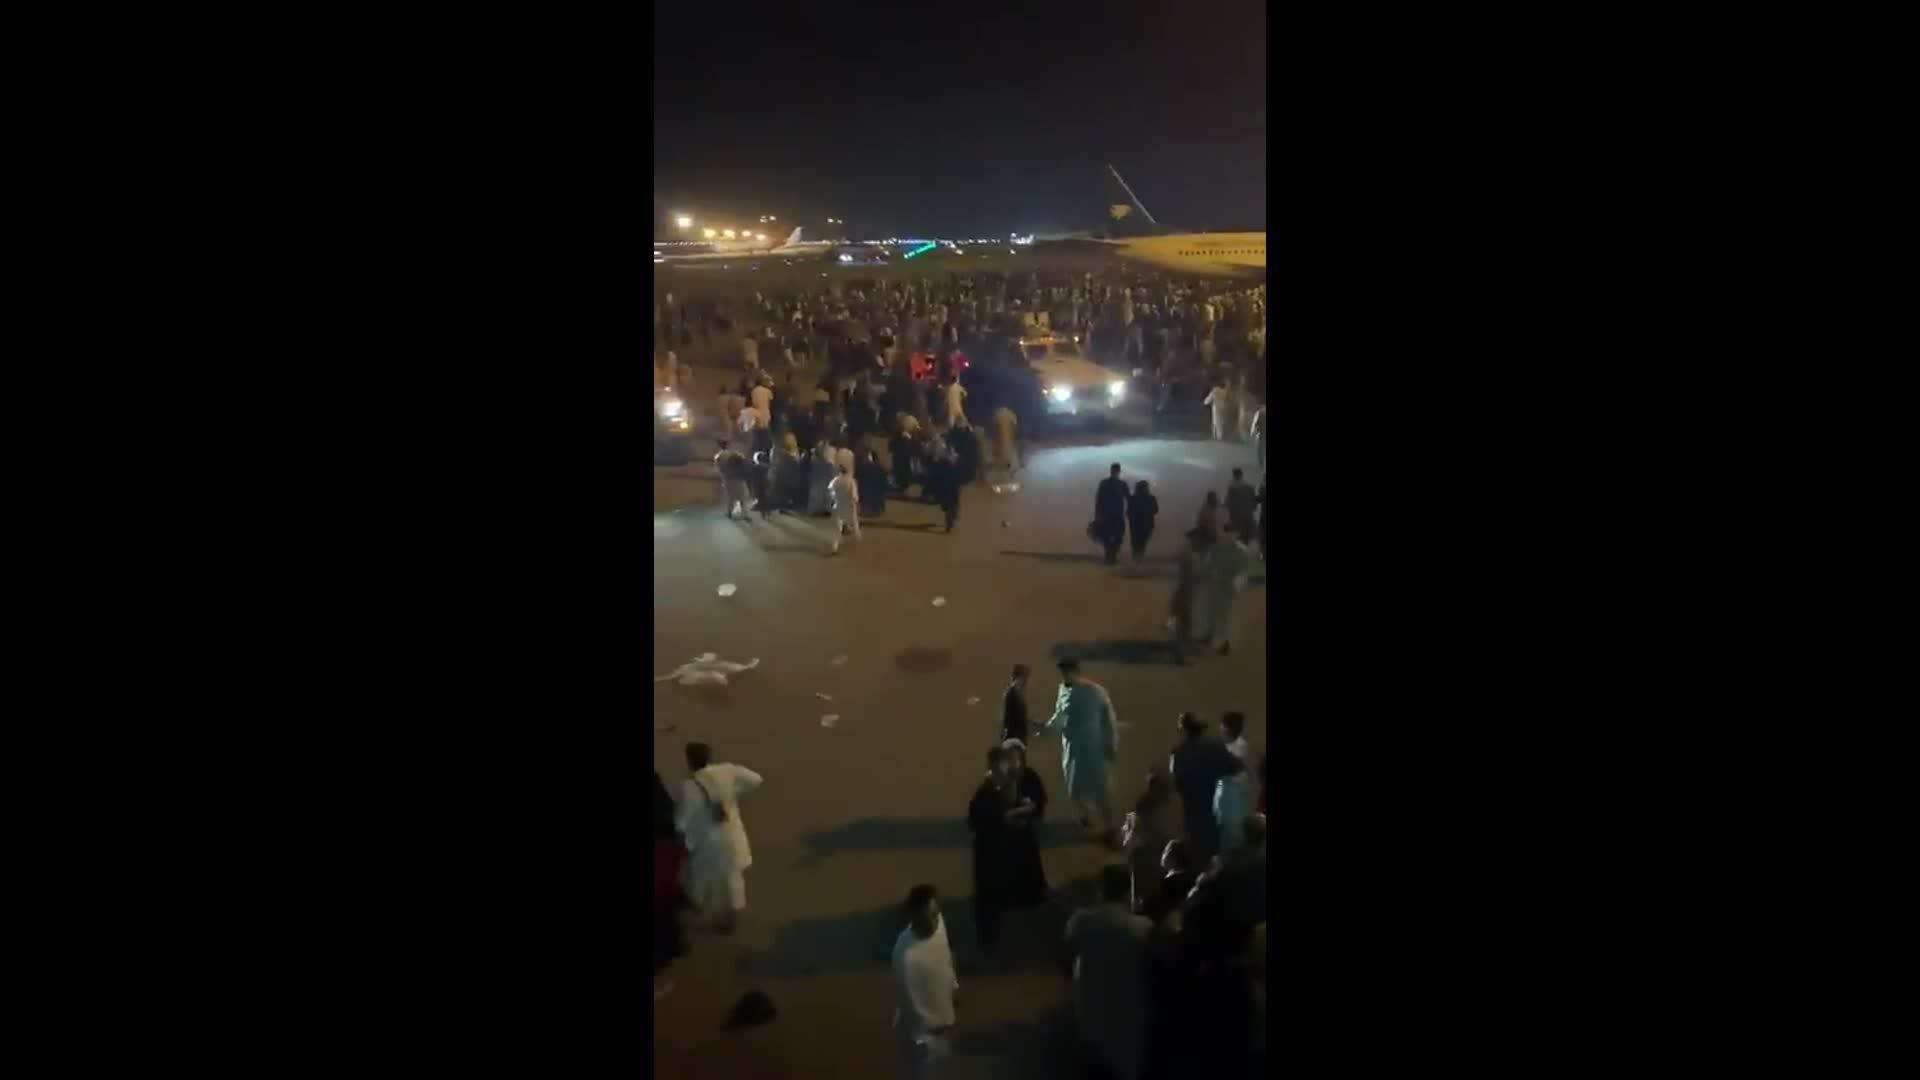 Sân bay Kabul hỗn loạn, lính Mỹ phải bắn chỉ thiên